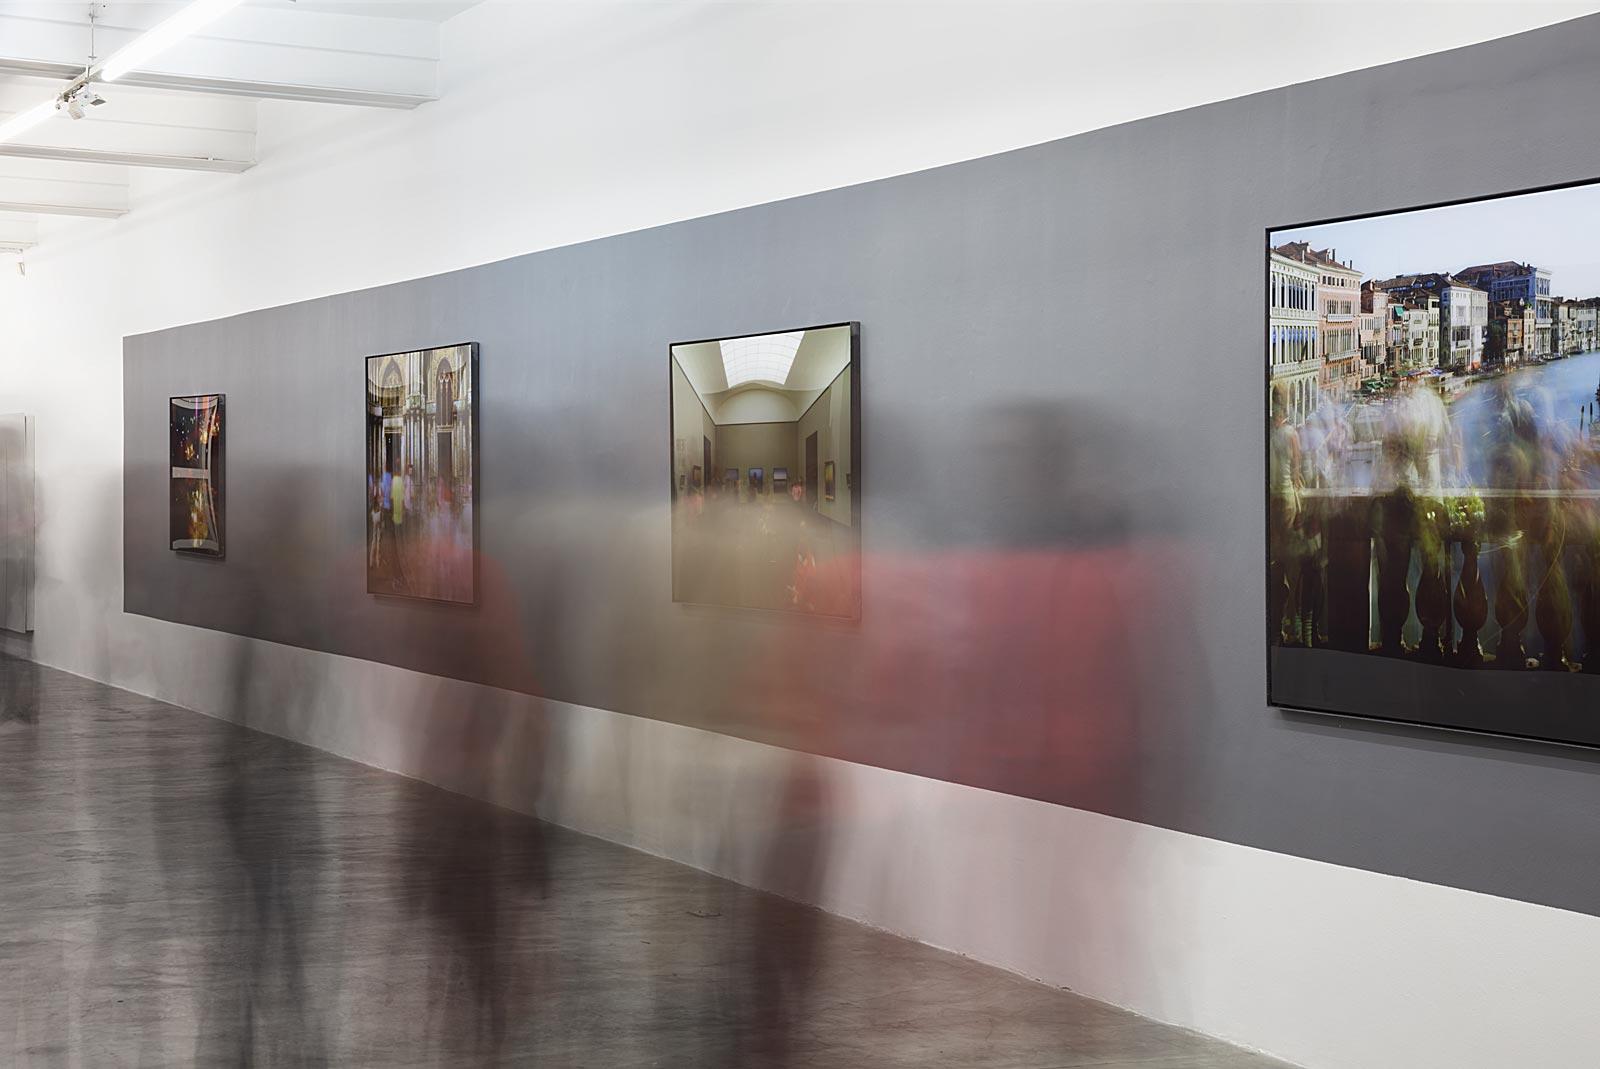 Galeria Oscar Cruz (18.04 - 18.14 Uhr, 27.5.2010)